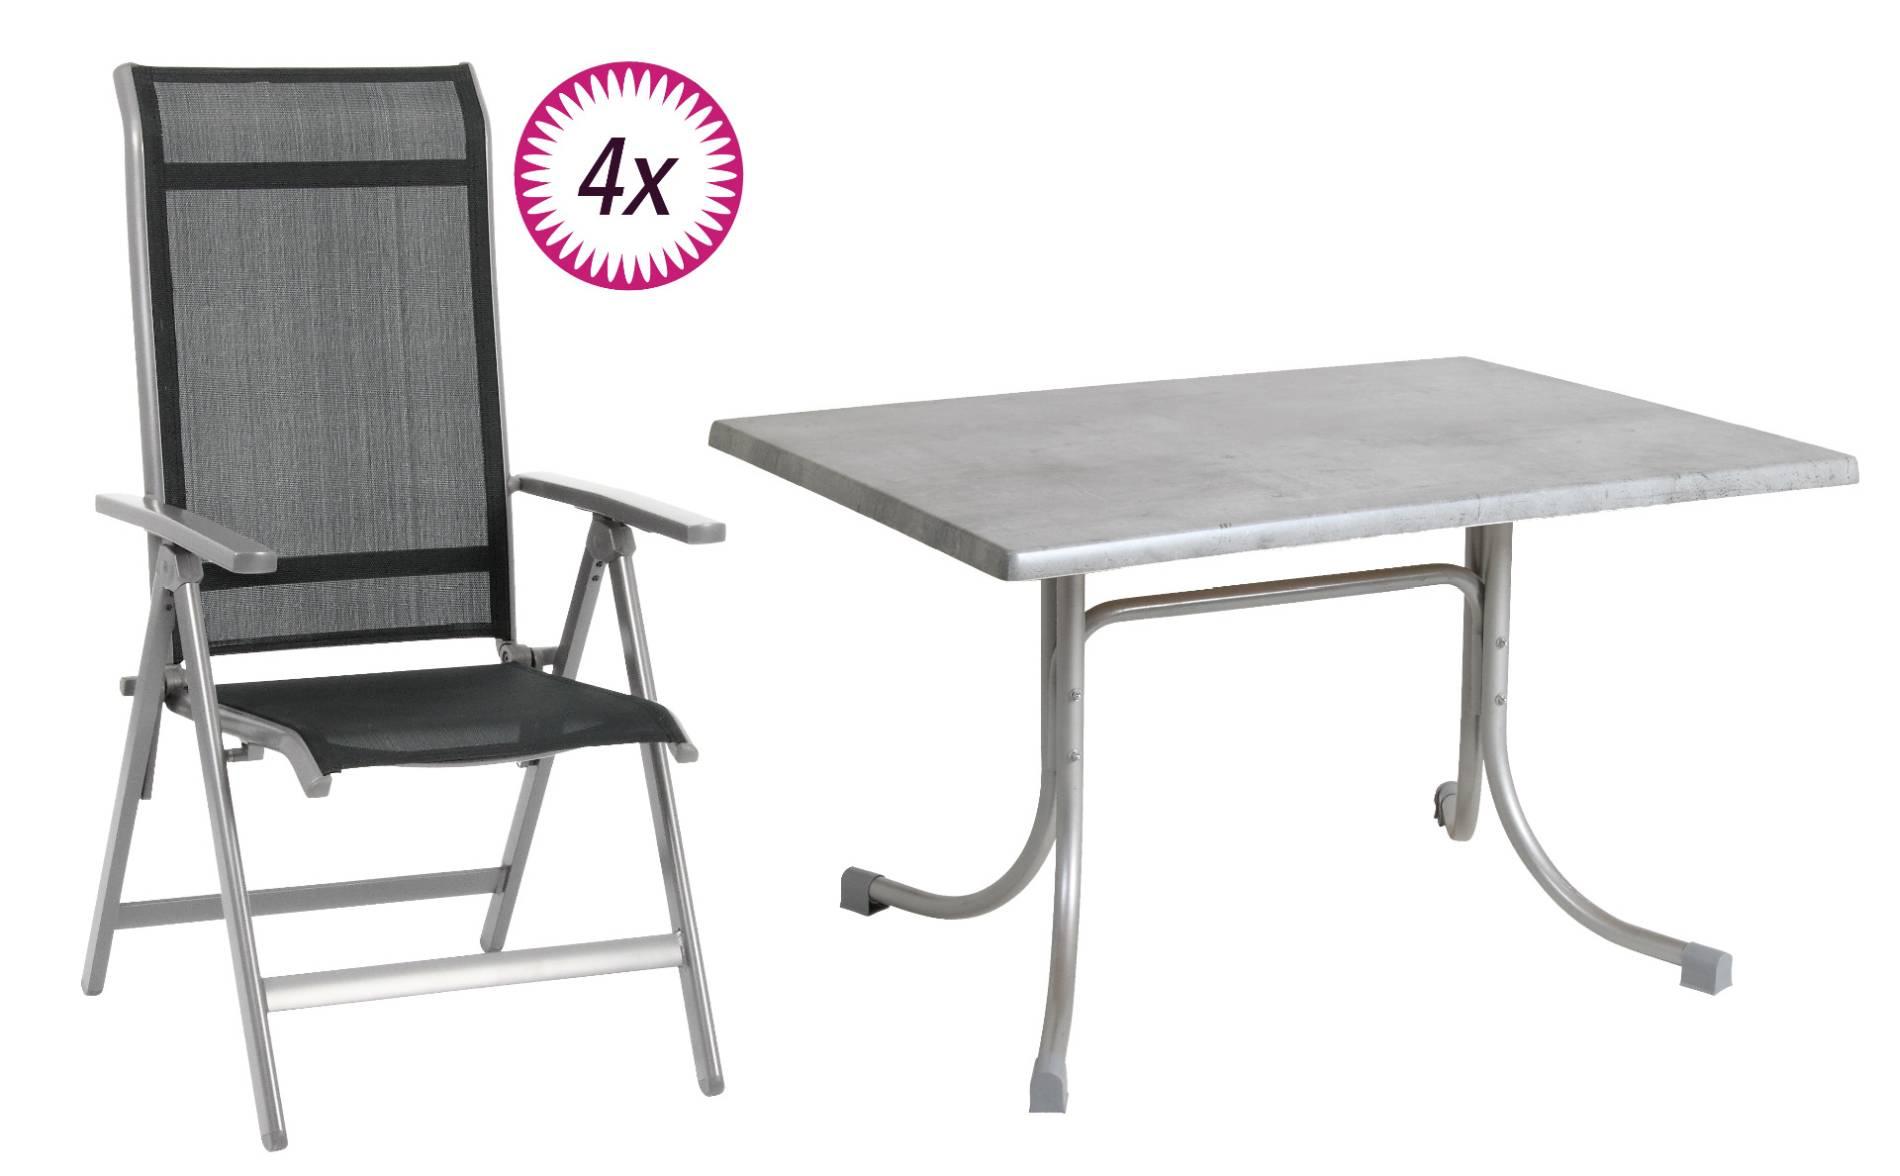 5-teiliges Gartenmöbel Set 4 Klappsessel Tisch 120x80 cm